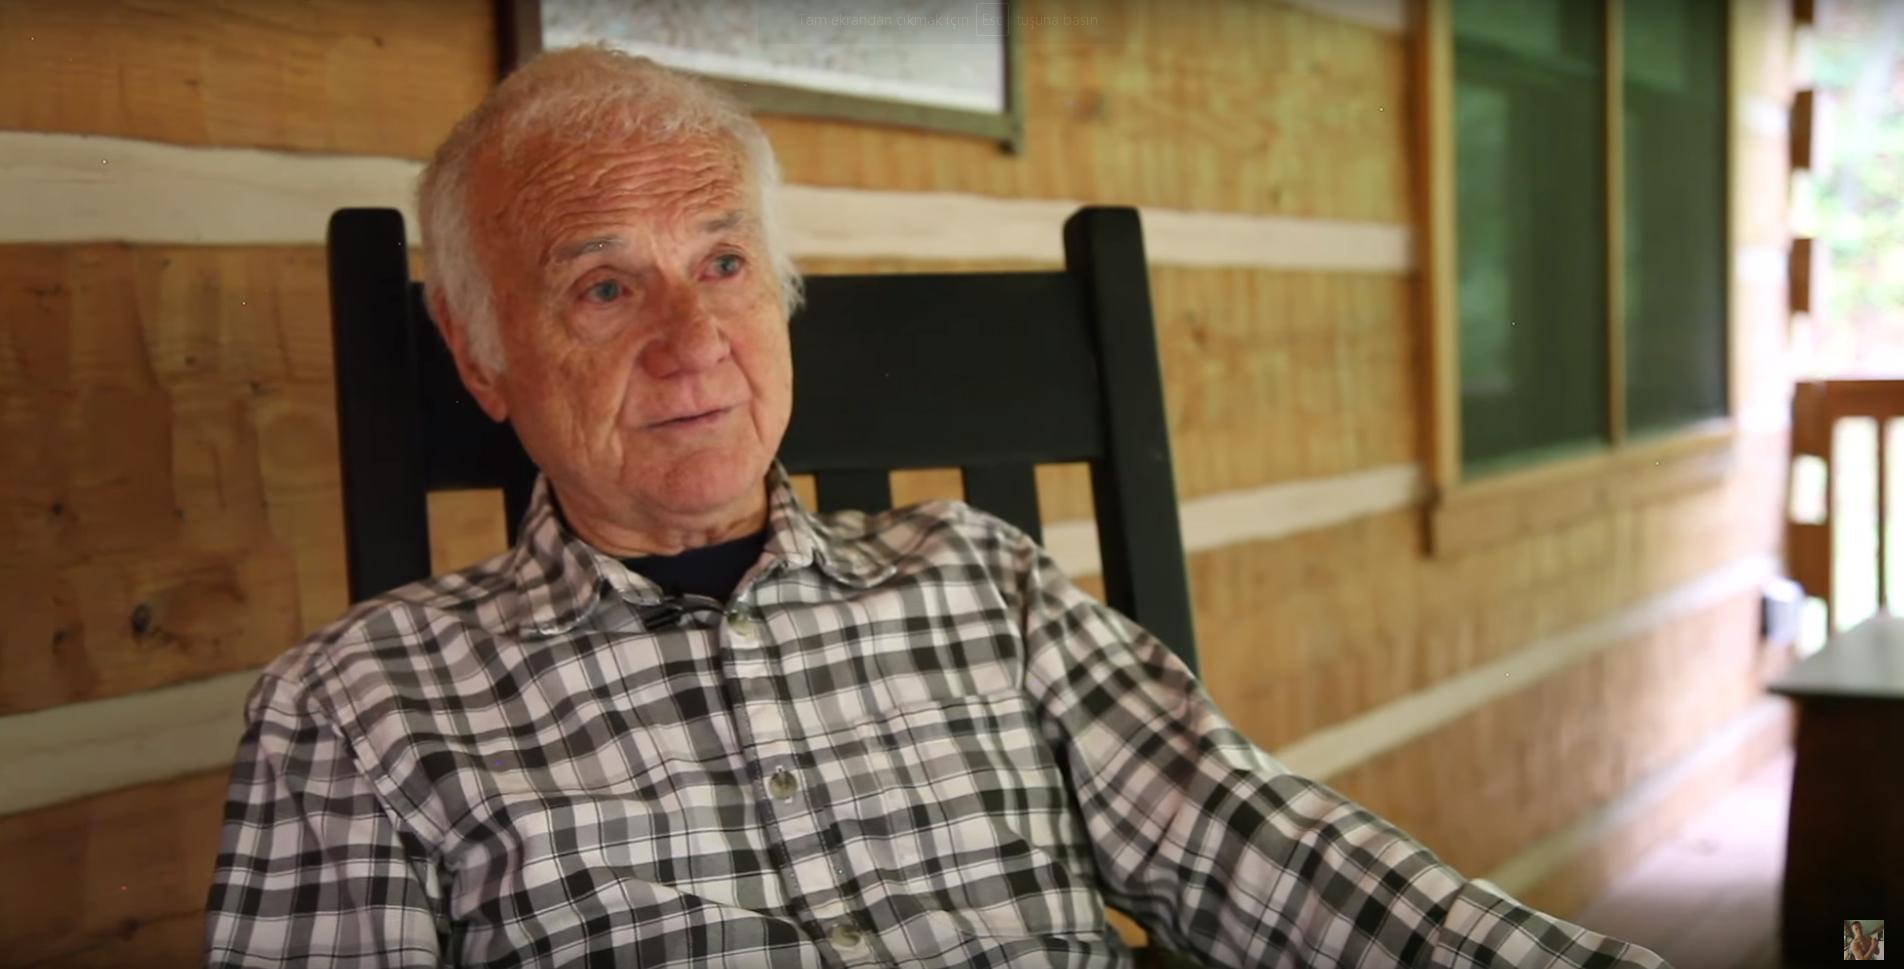 İzleyin: 83 Yaşındaki Eşcinsel Porno Yıldızı İle Tanışın!